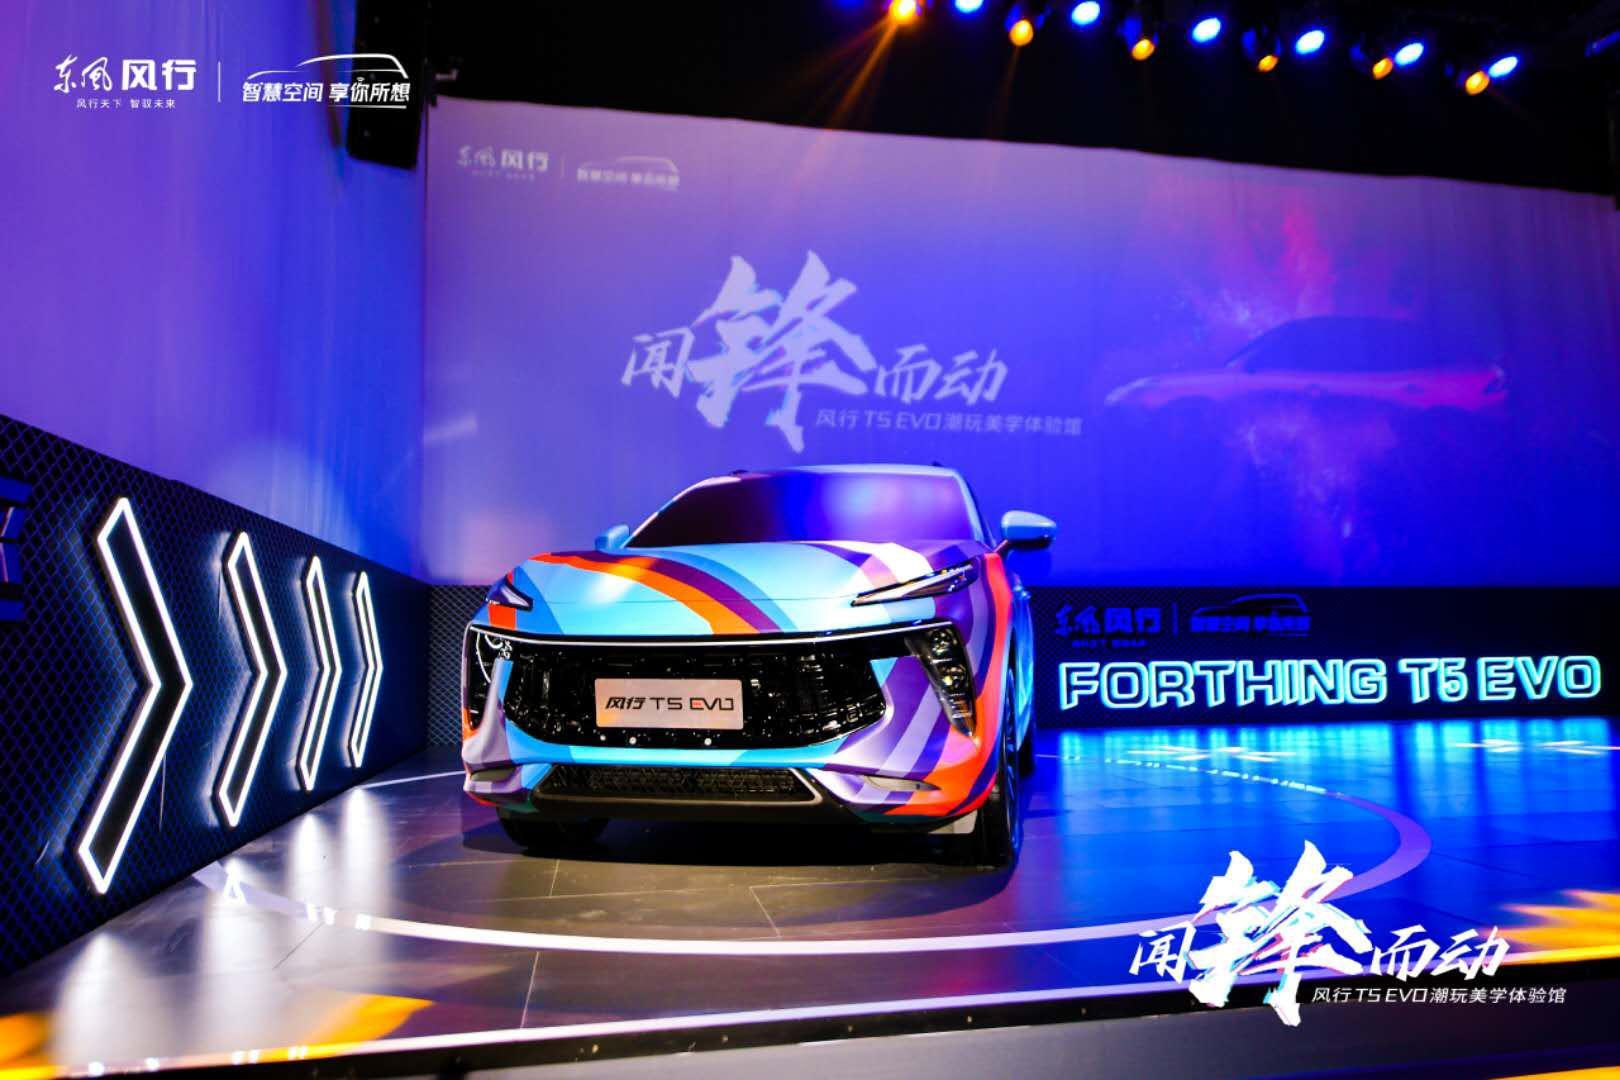 """东风风行T5 EVO即将推出,""""锋动力学""""能为品牌带来什么改变?"""